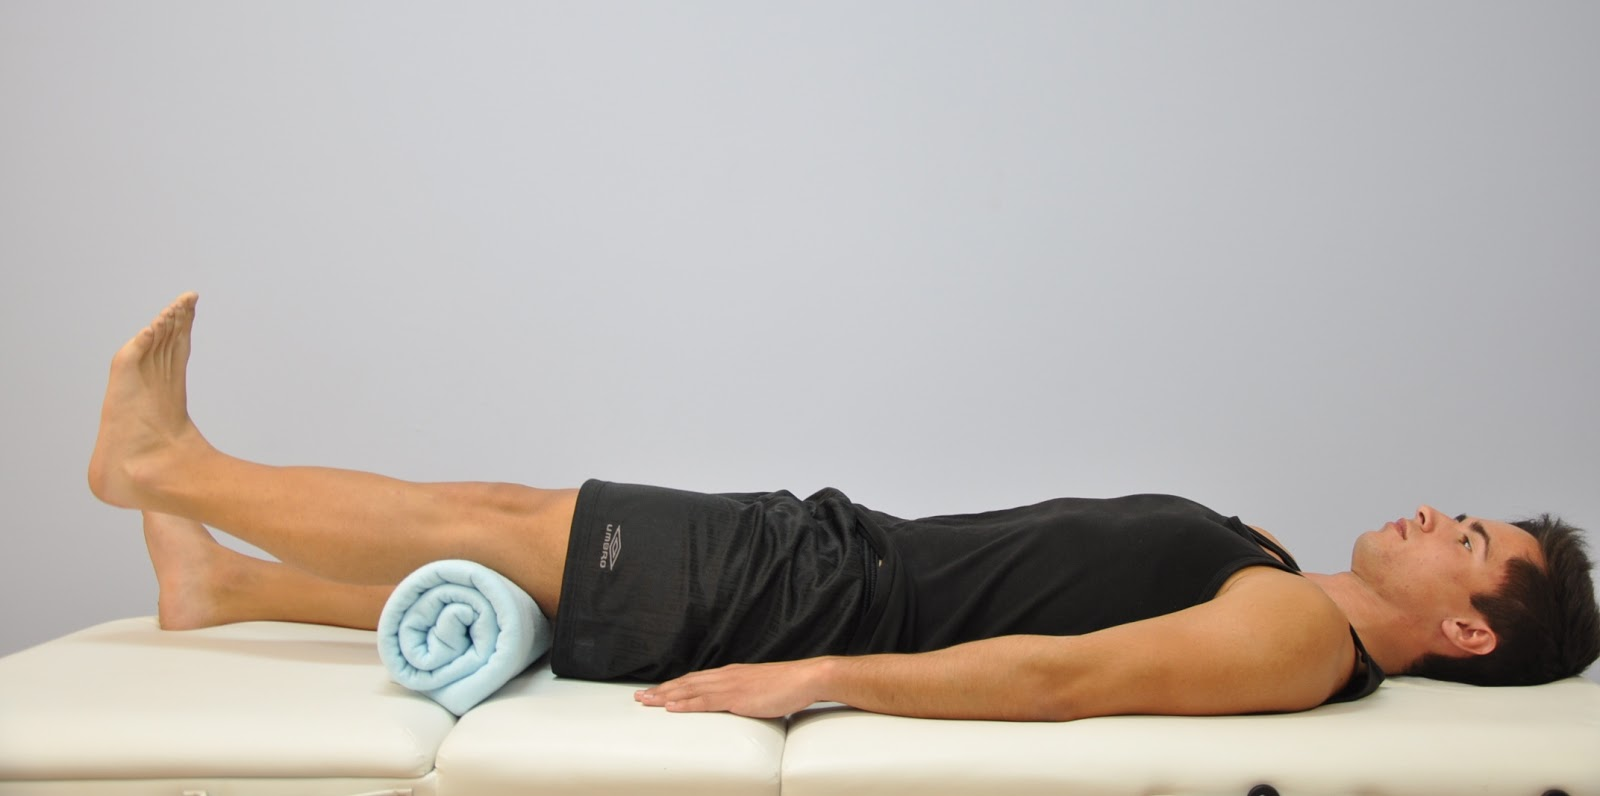 Fisioinforma contus o muscular no quadric pite for Exercicio para interno de coxa